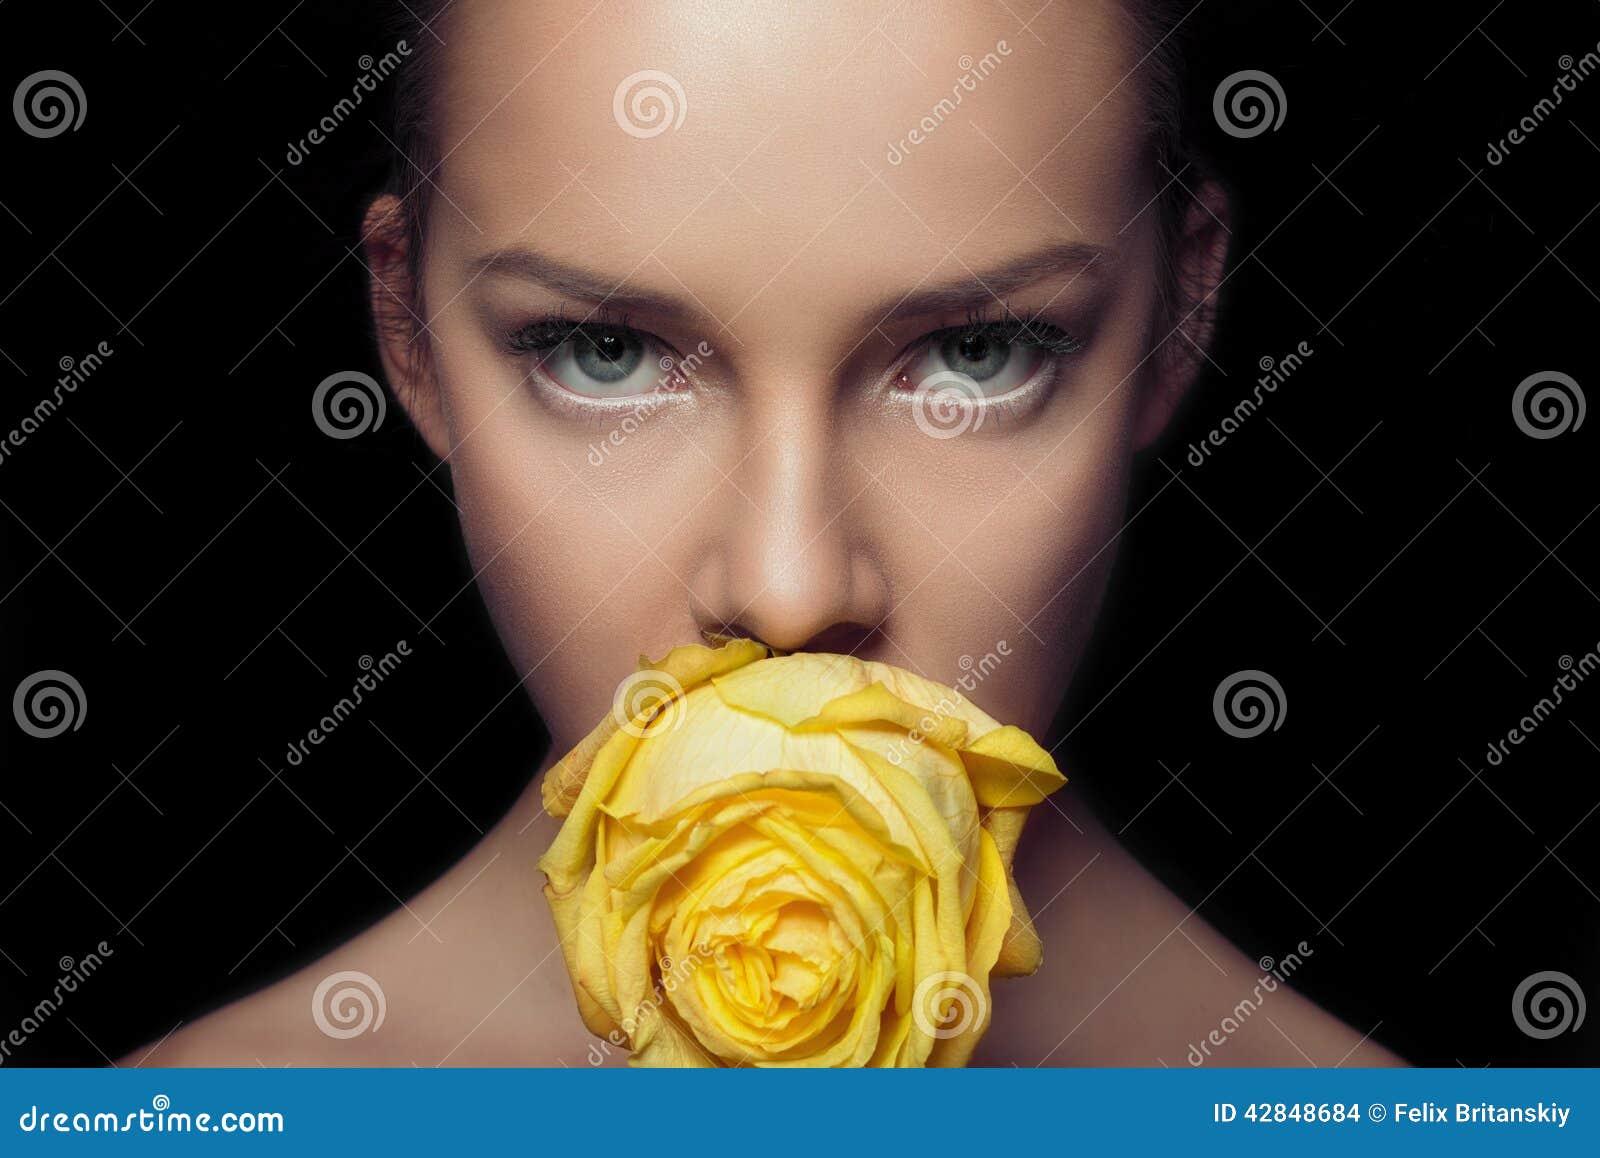 Очаровательная сторона с взглядом рапиры поднял желтый цвет